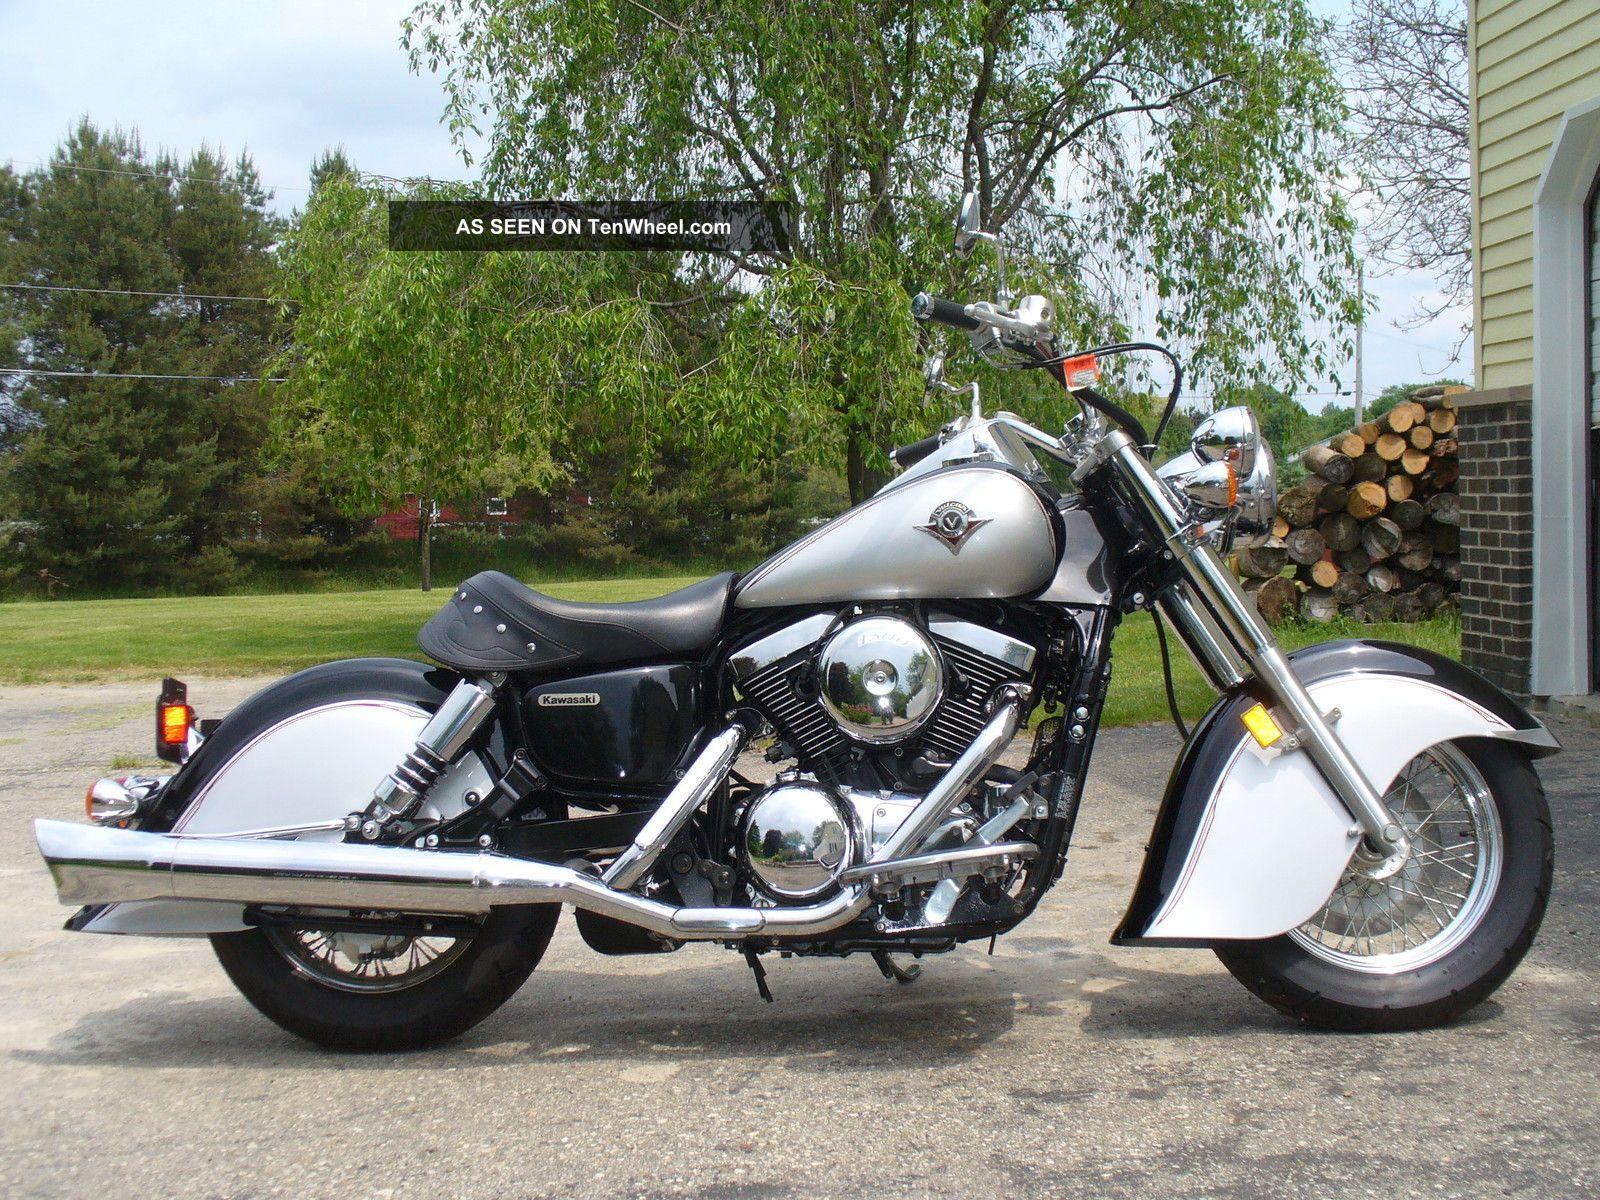 2005 Kawasaki Vulcan 1500 Drifter Motorcycle Like Indian Chief Vintage